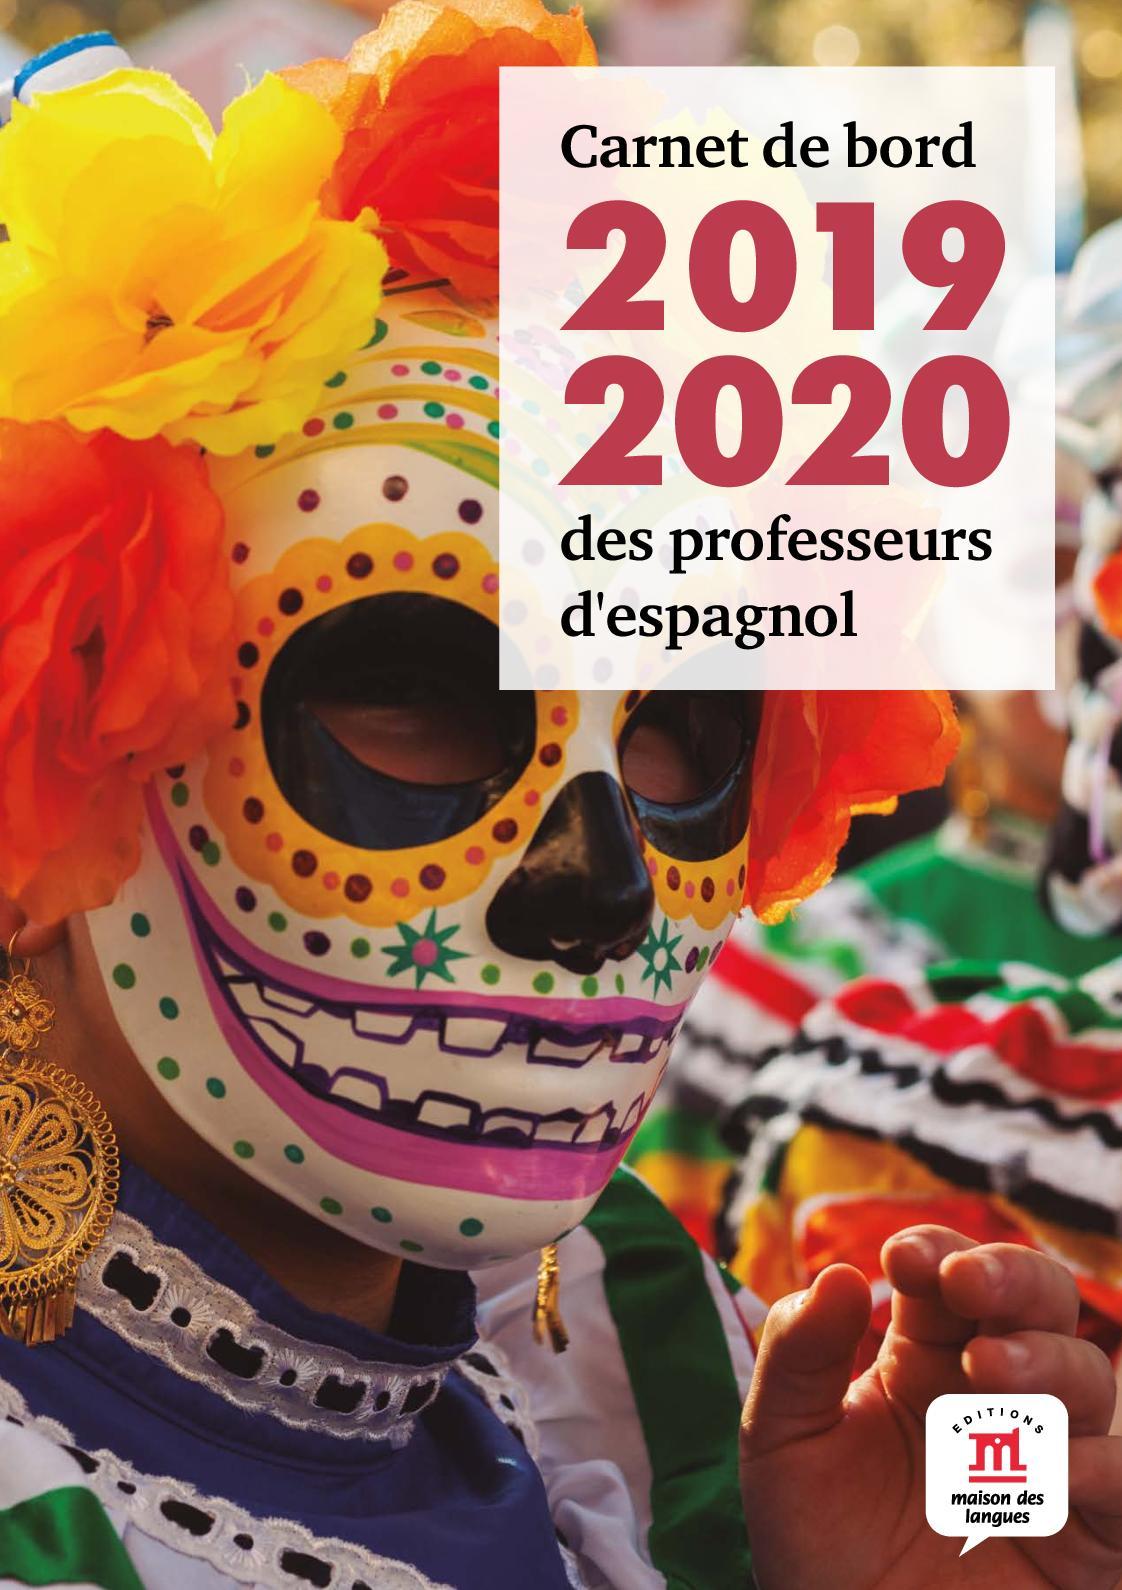 Calendario Escolar 2020 2020 Barcelona.Calameo Carnet De Bord 2019 2020 Espagnol